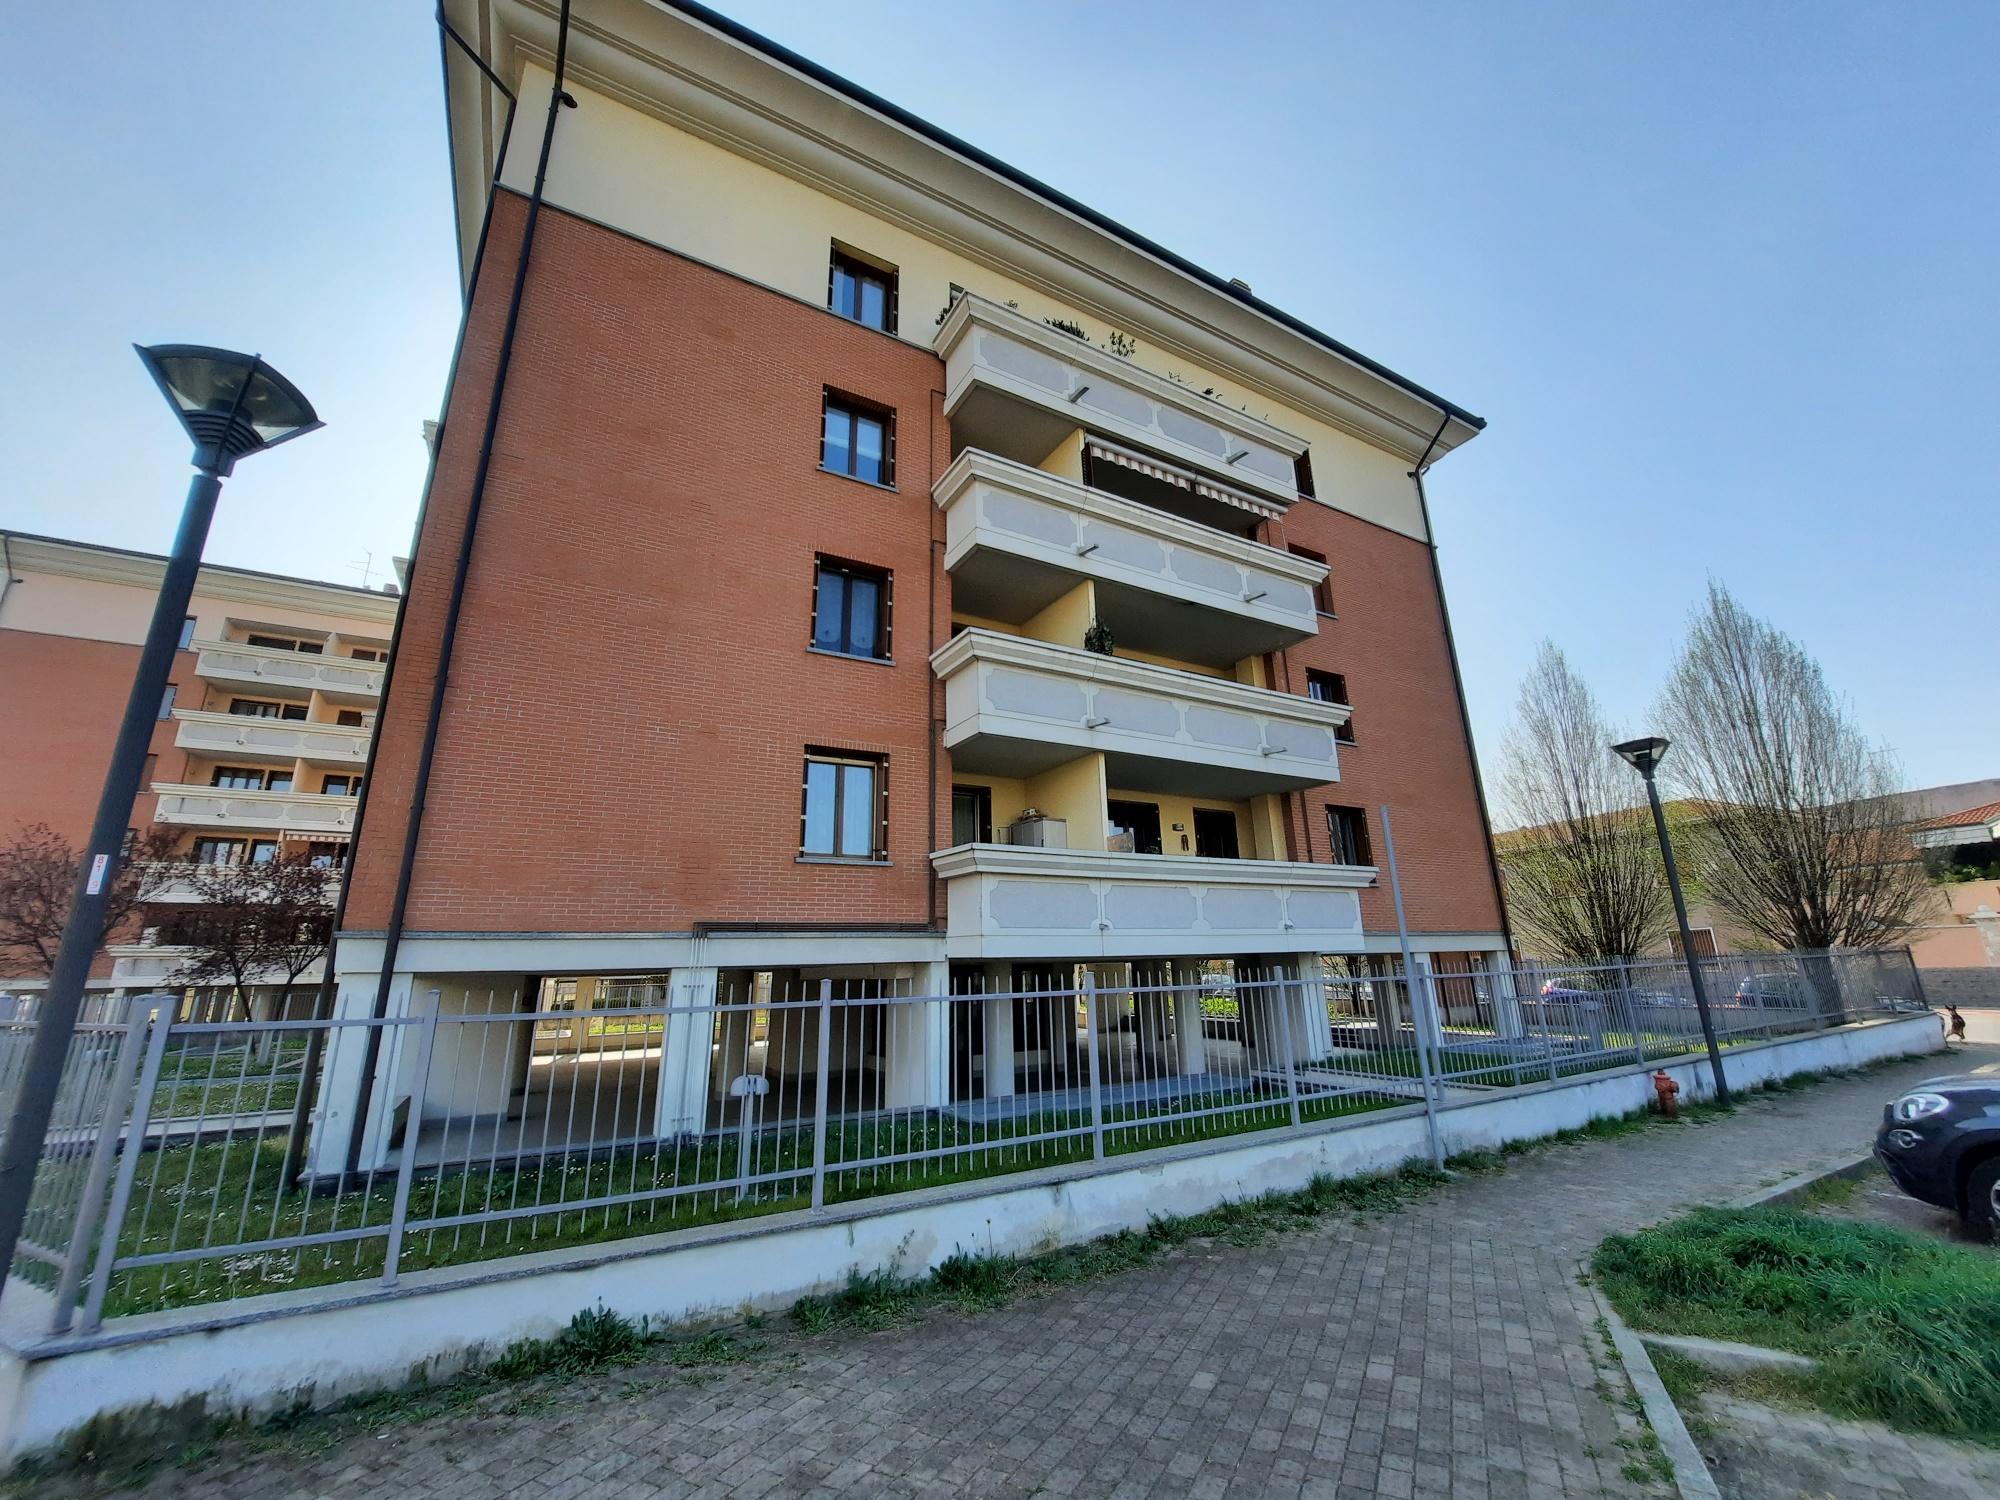 Appartamento bilocale in vendita a Busto Garolfo